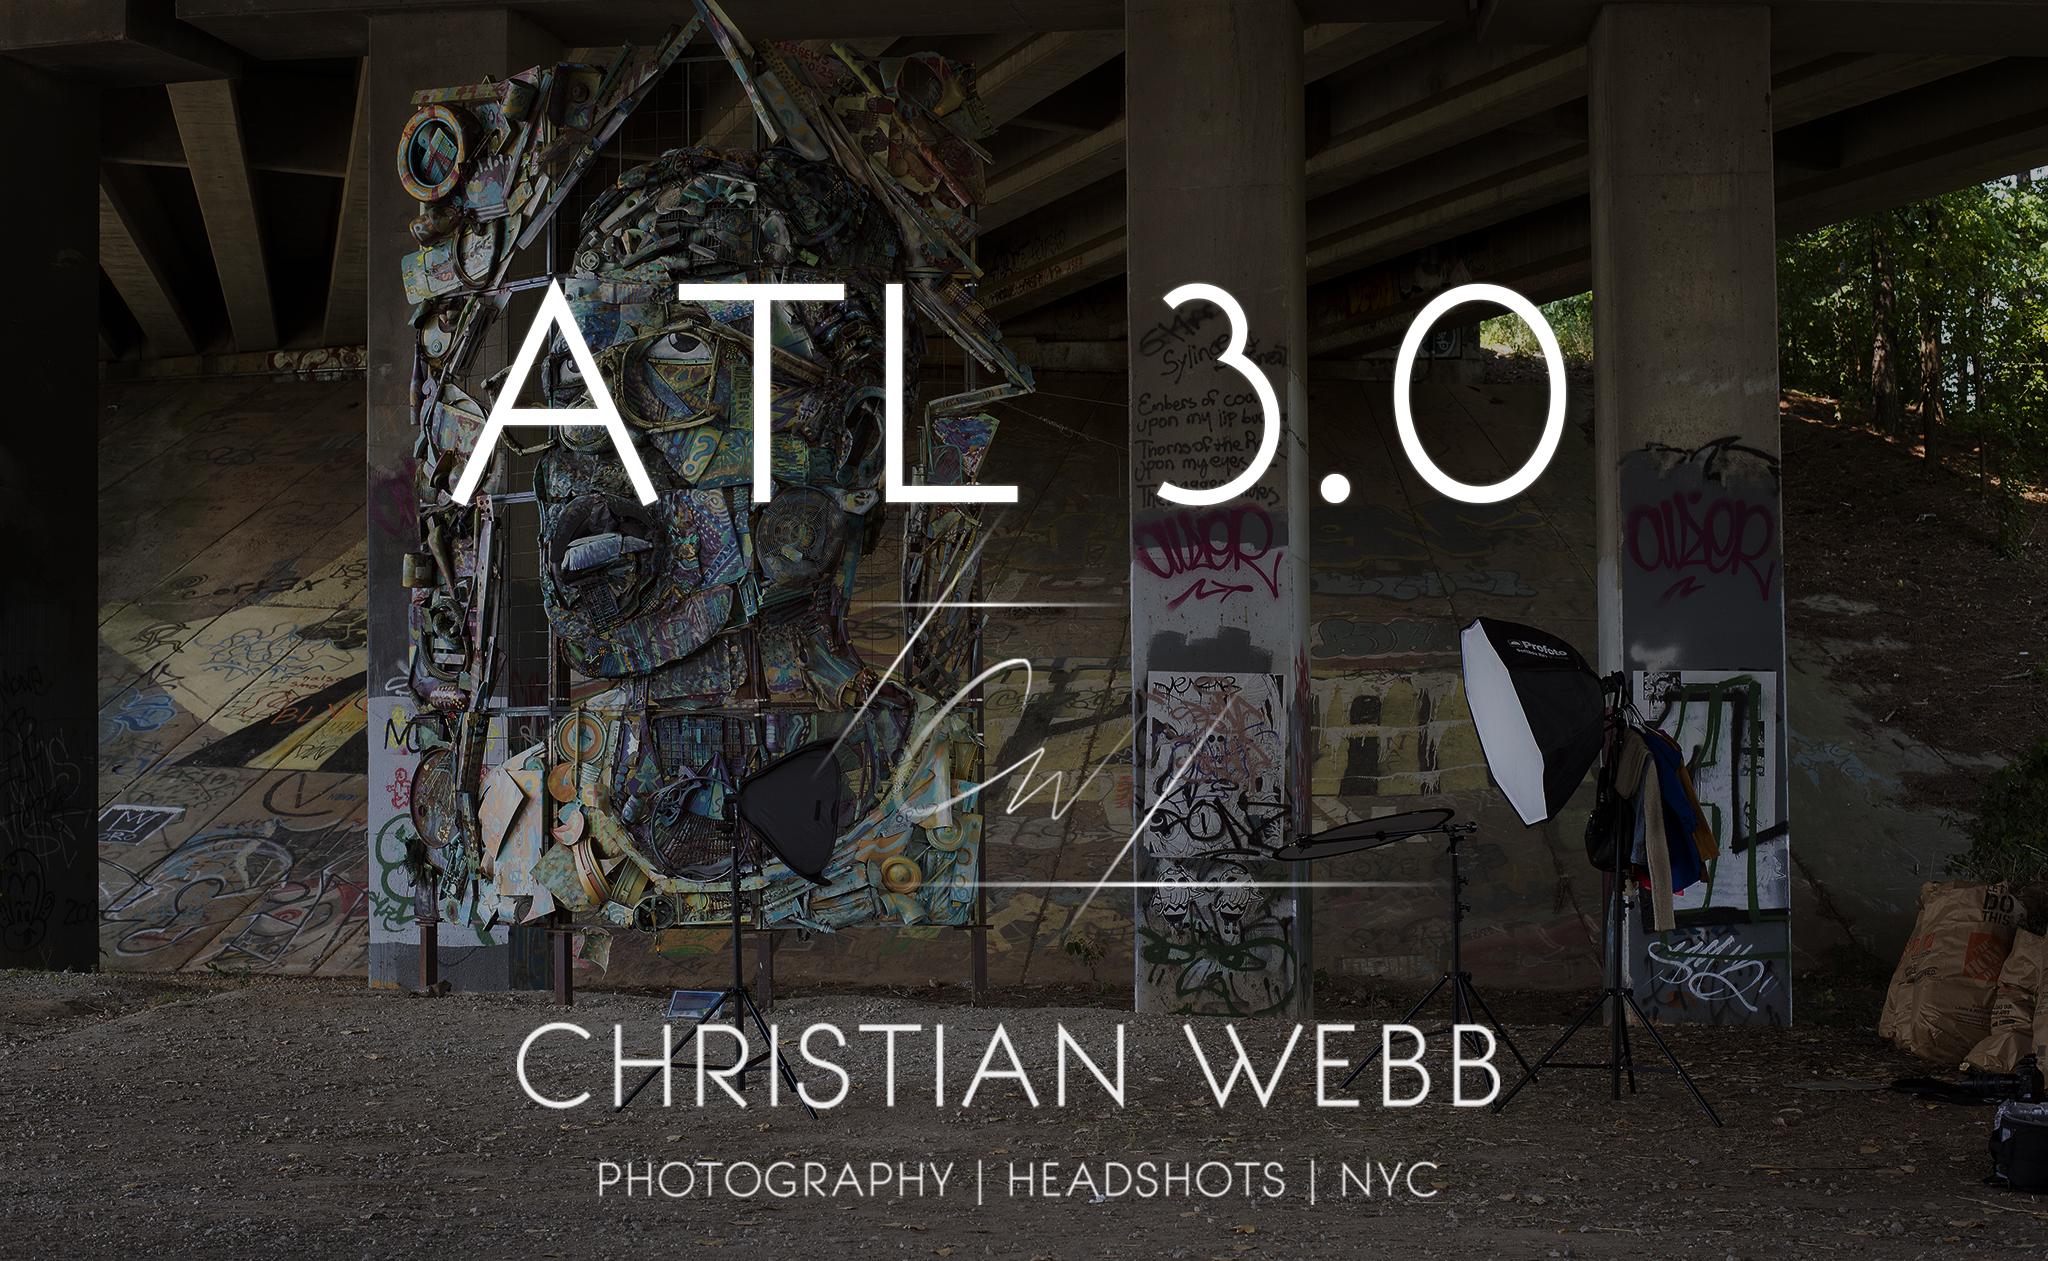 Christian Webb-Headshots-Atlanta